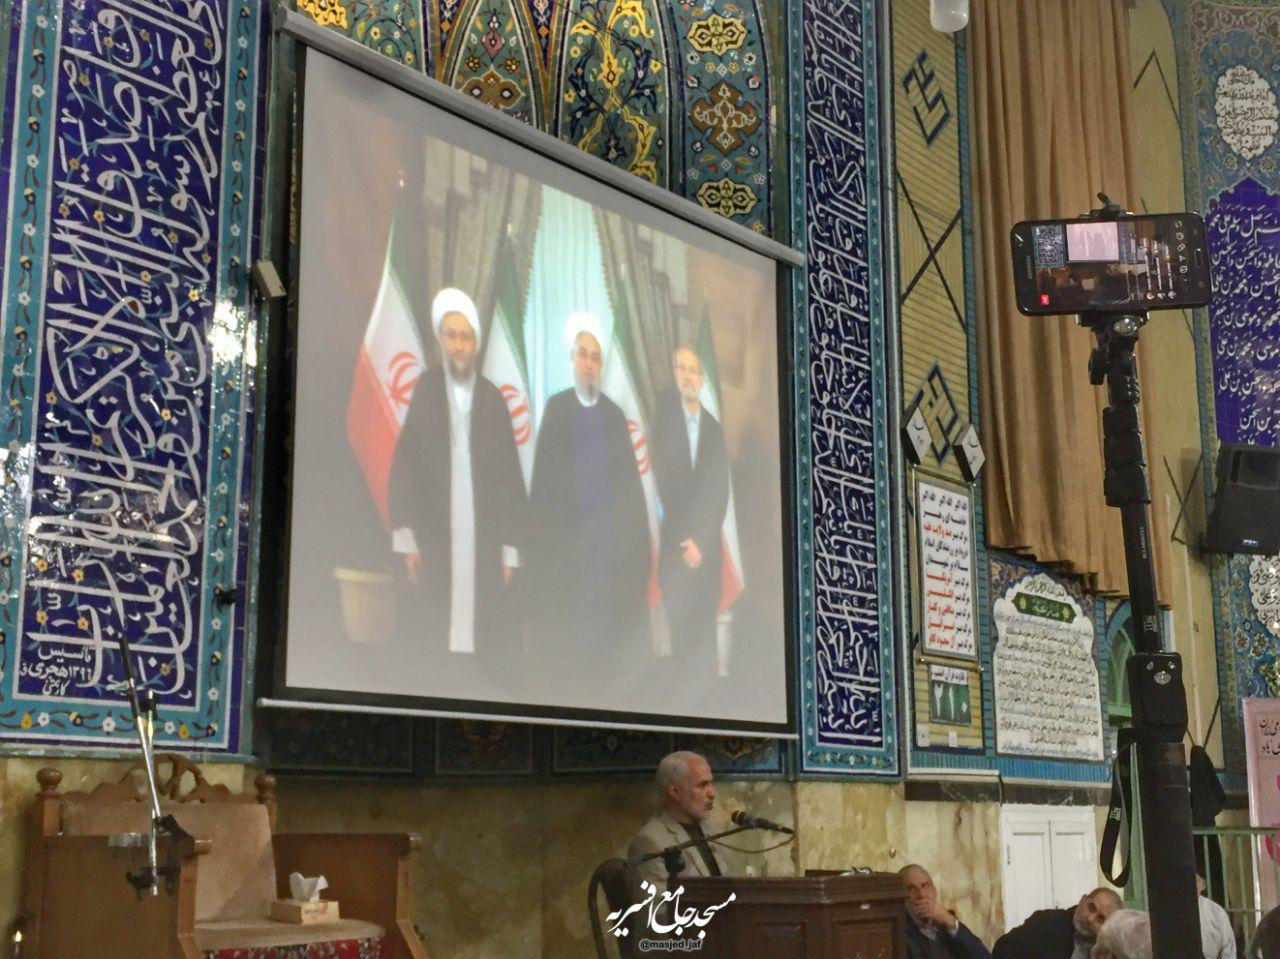 IMG 971123%20%288%29 نقل از تصویری؛ سخنرانی استاد حسن عباسی با موضوع چهل سالگی انقلاب اسلامی و همچنين افق های پیش رو